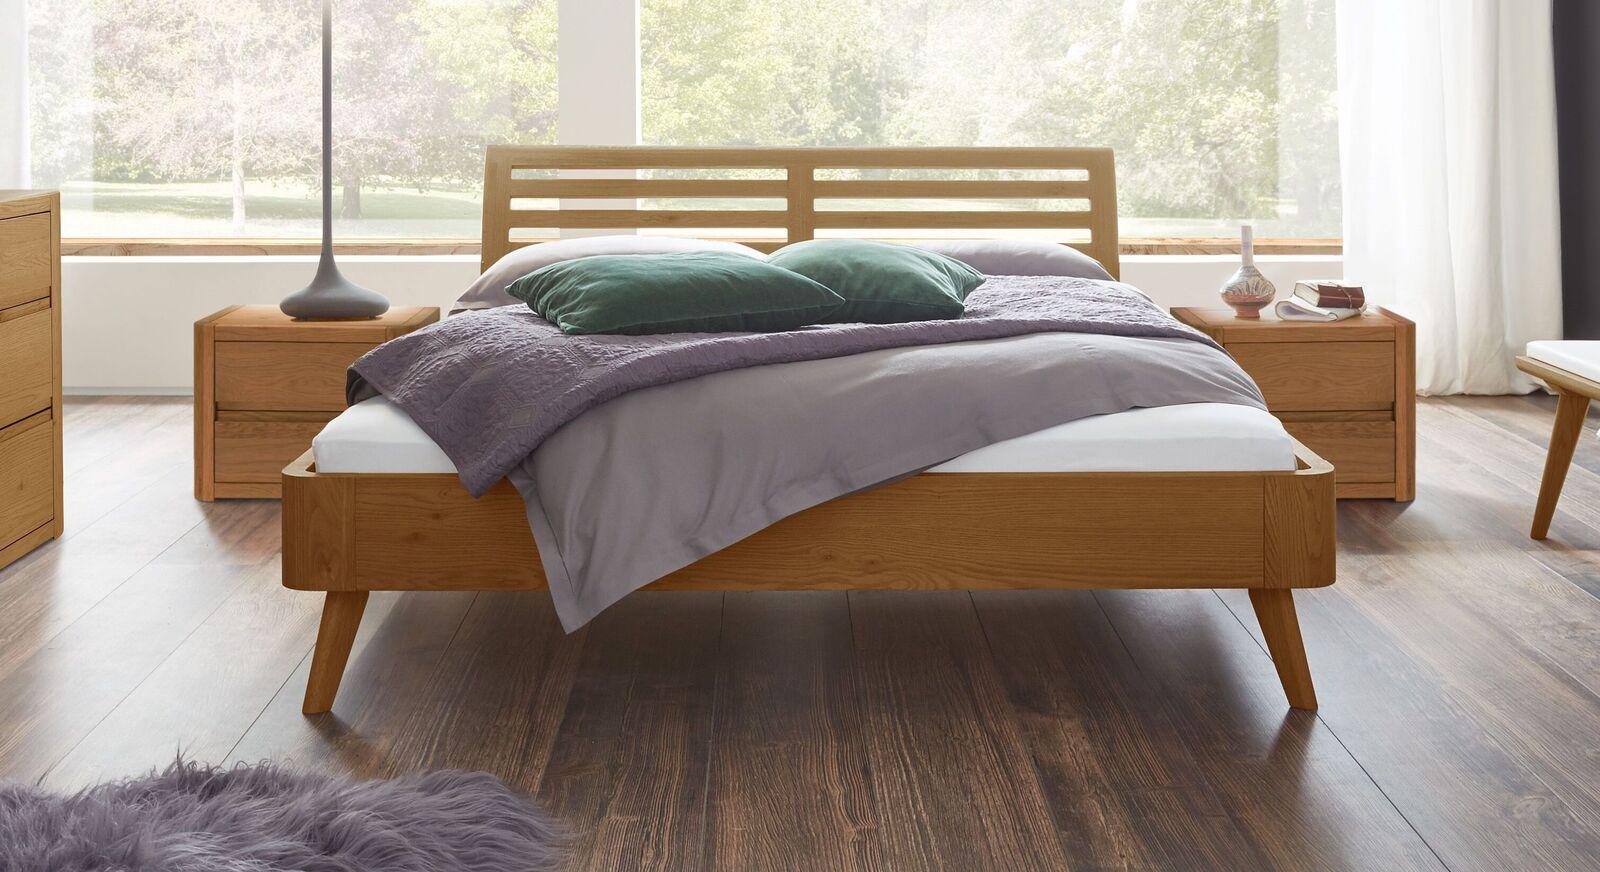 Bett Santa Rosa aus Eiche natur